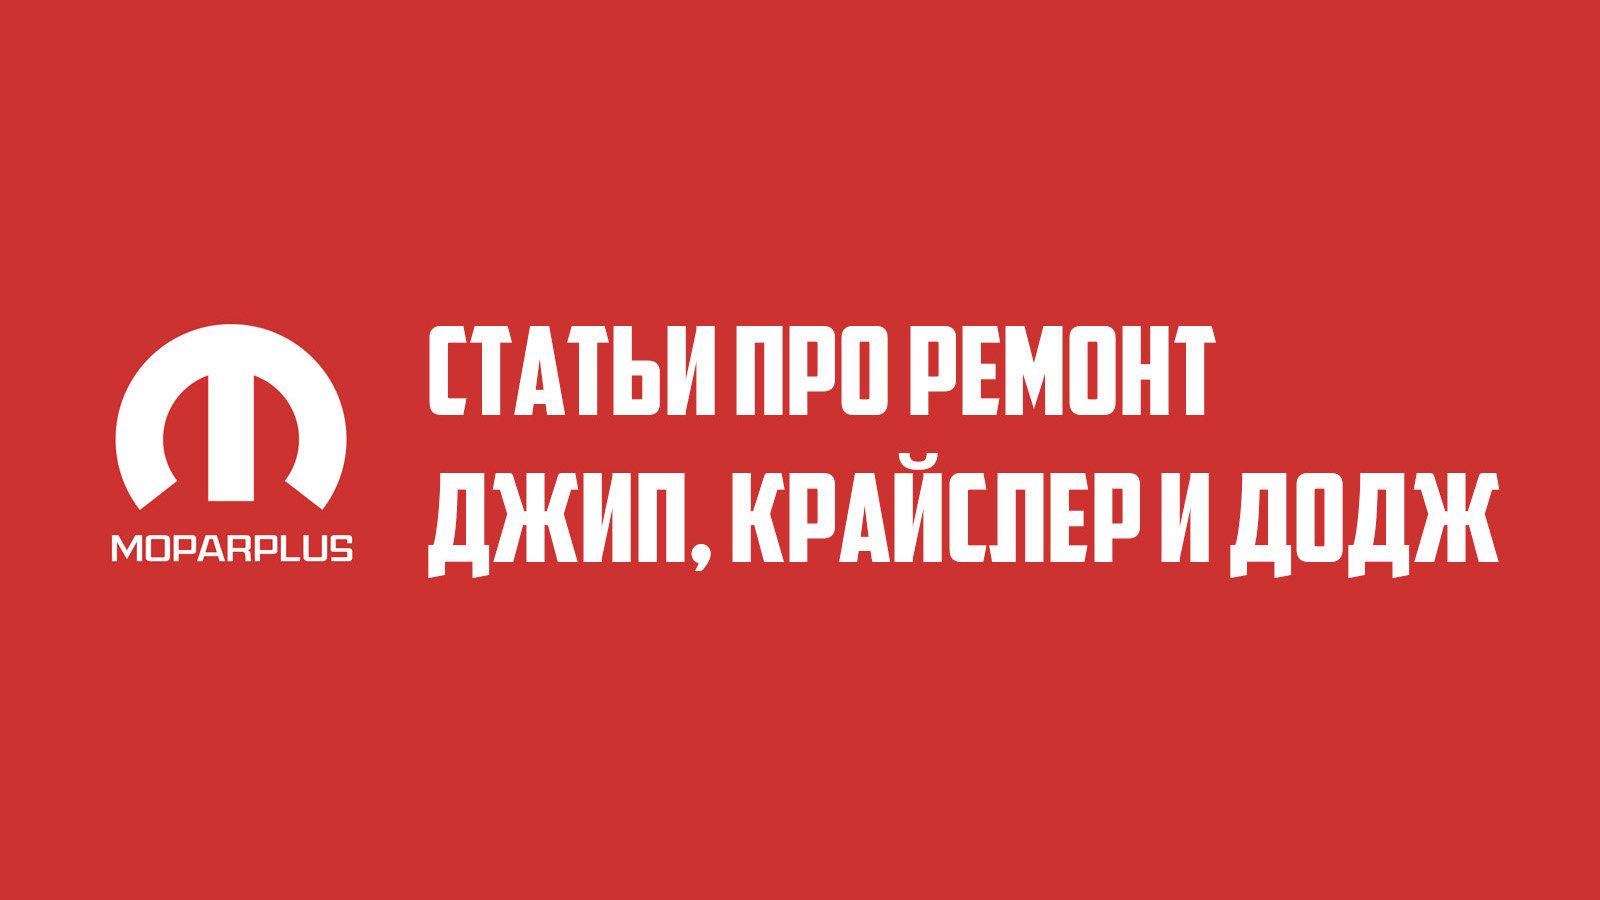 Статьи про ремонт. Выпуск №36.